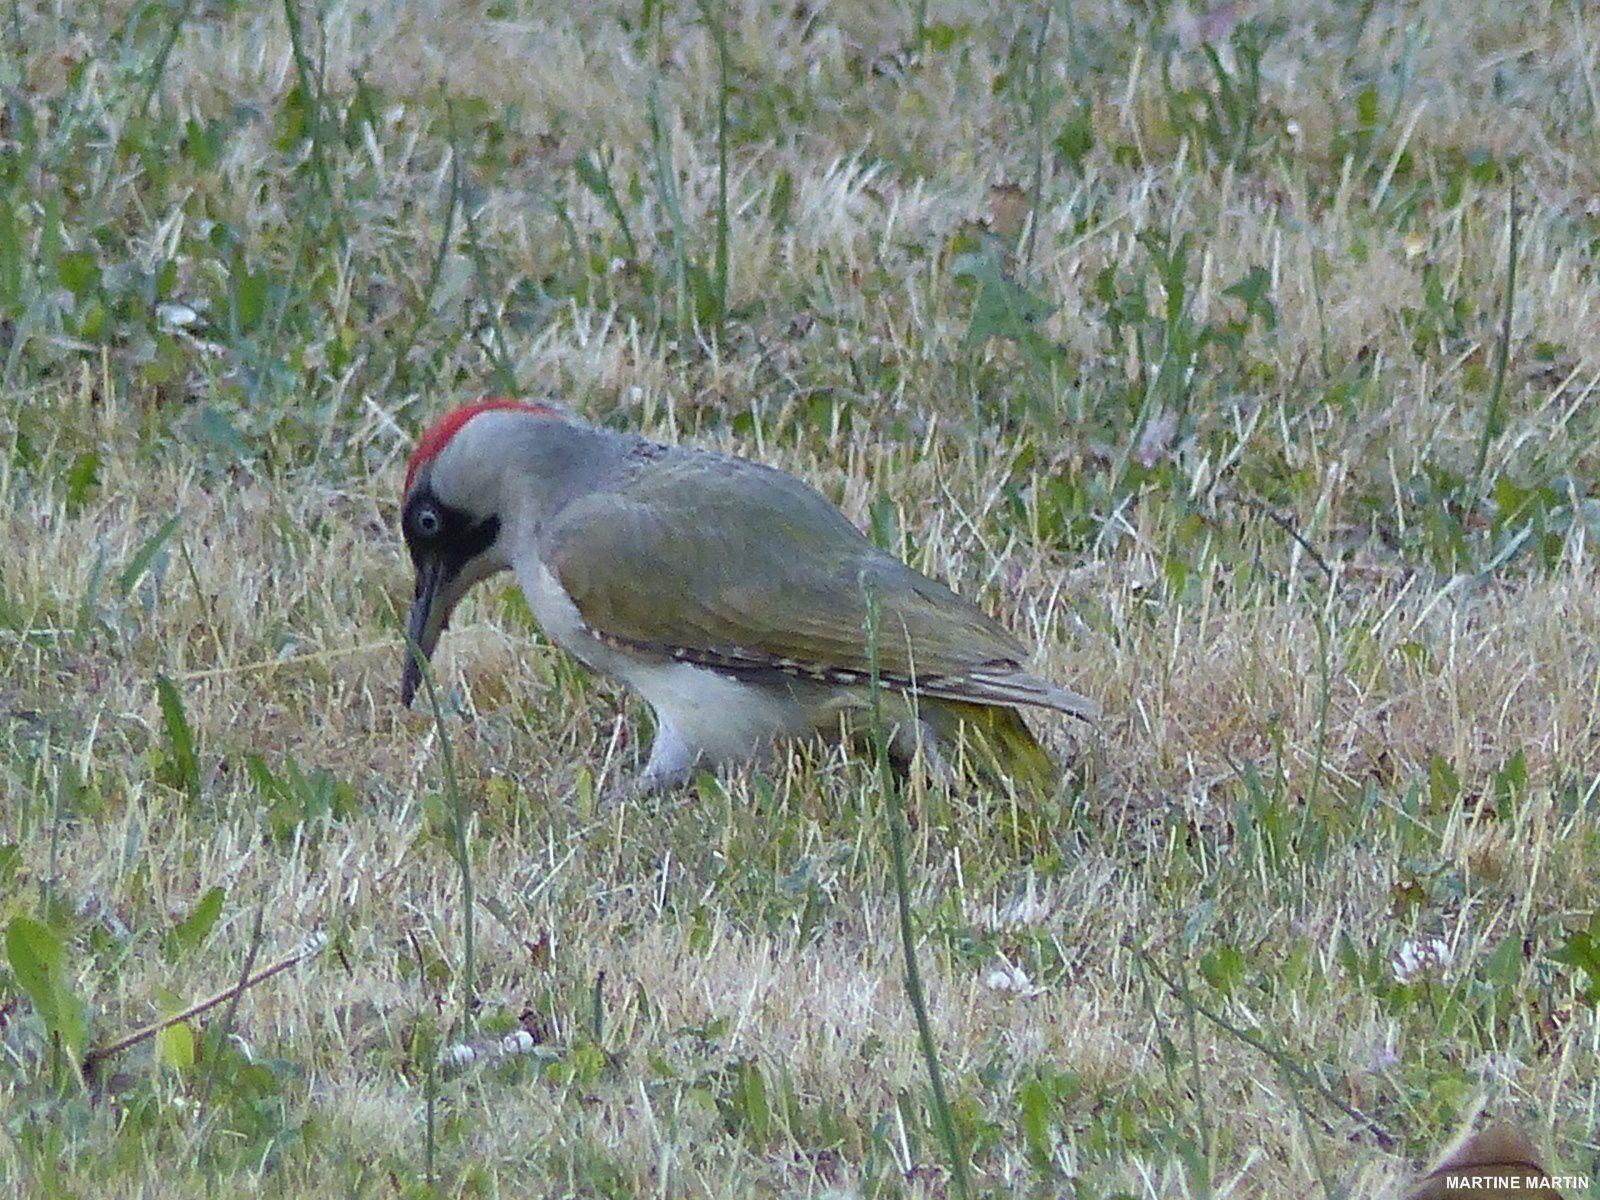 Oiseaux dans un jardin Cergyssois